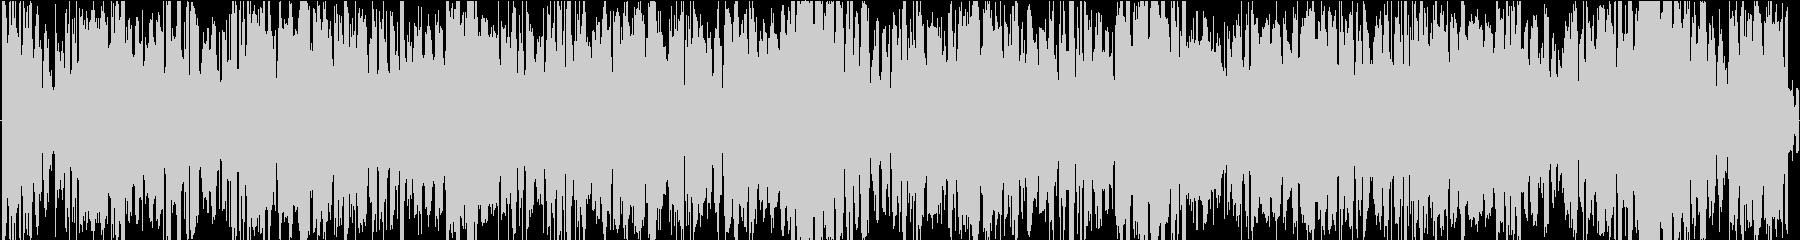 シーケンス 汚いオルガン02の未再生の波形